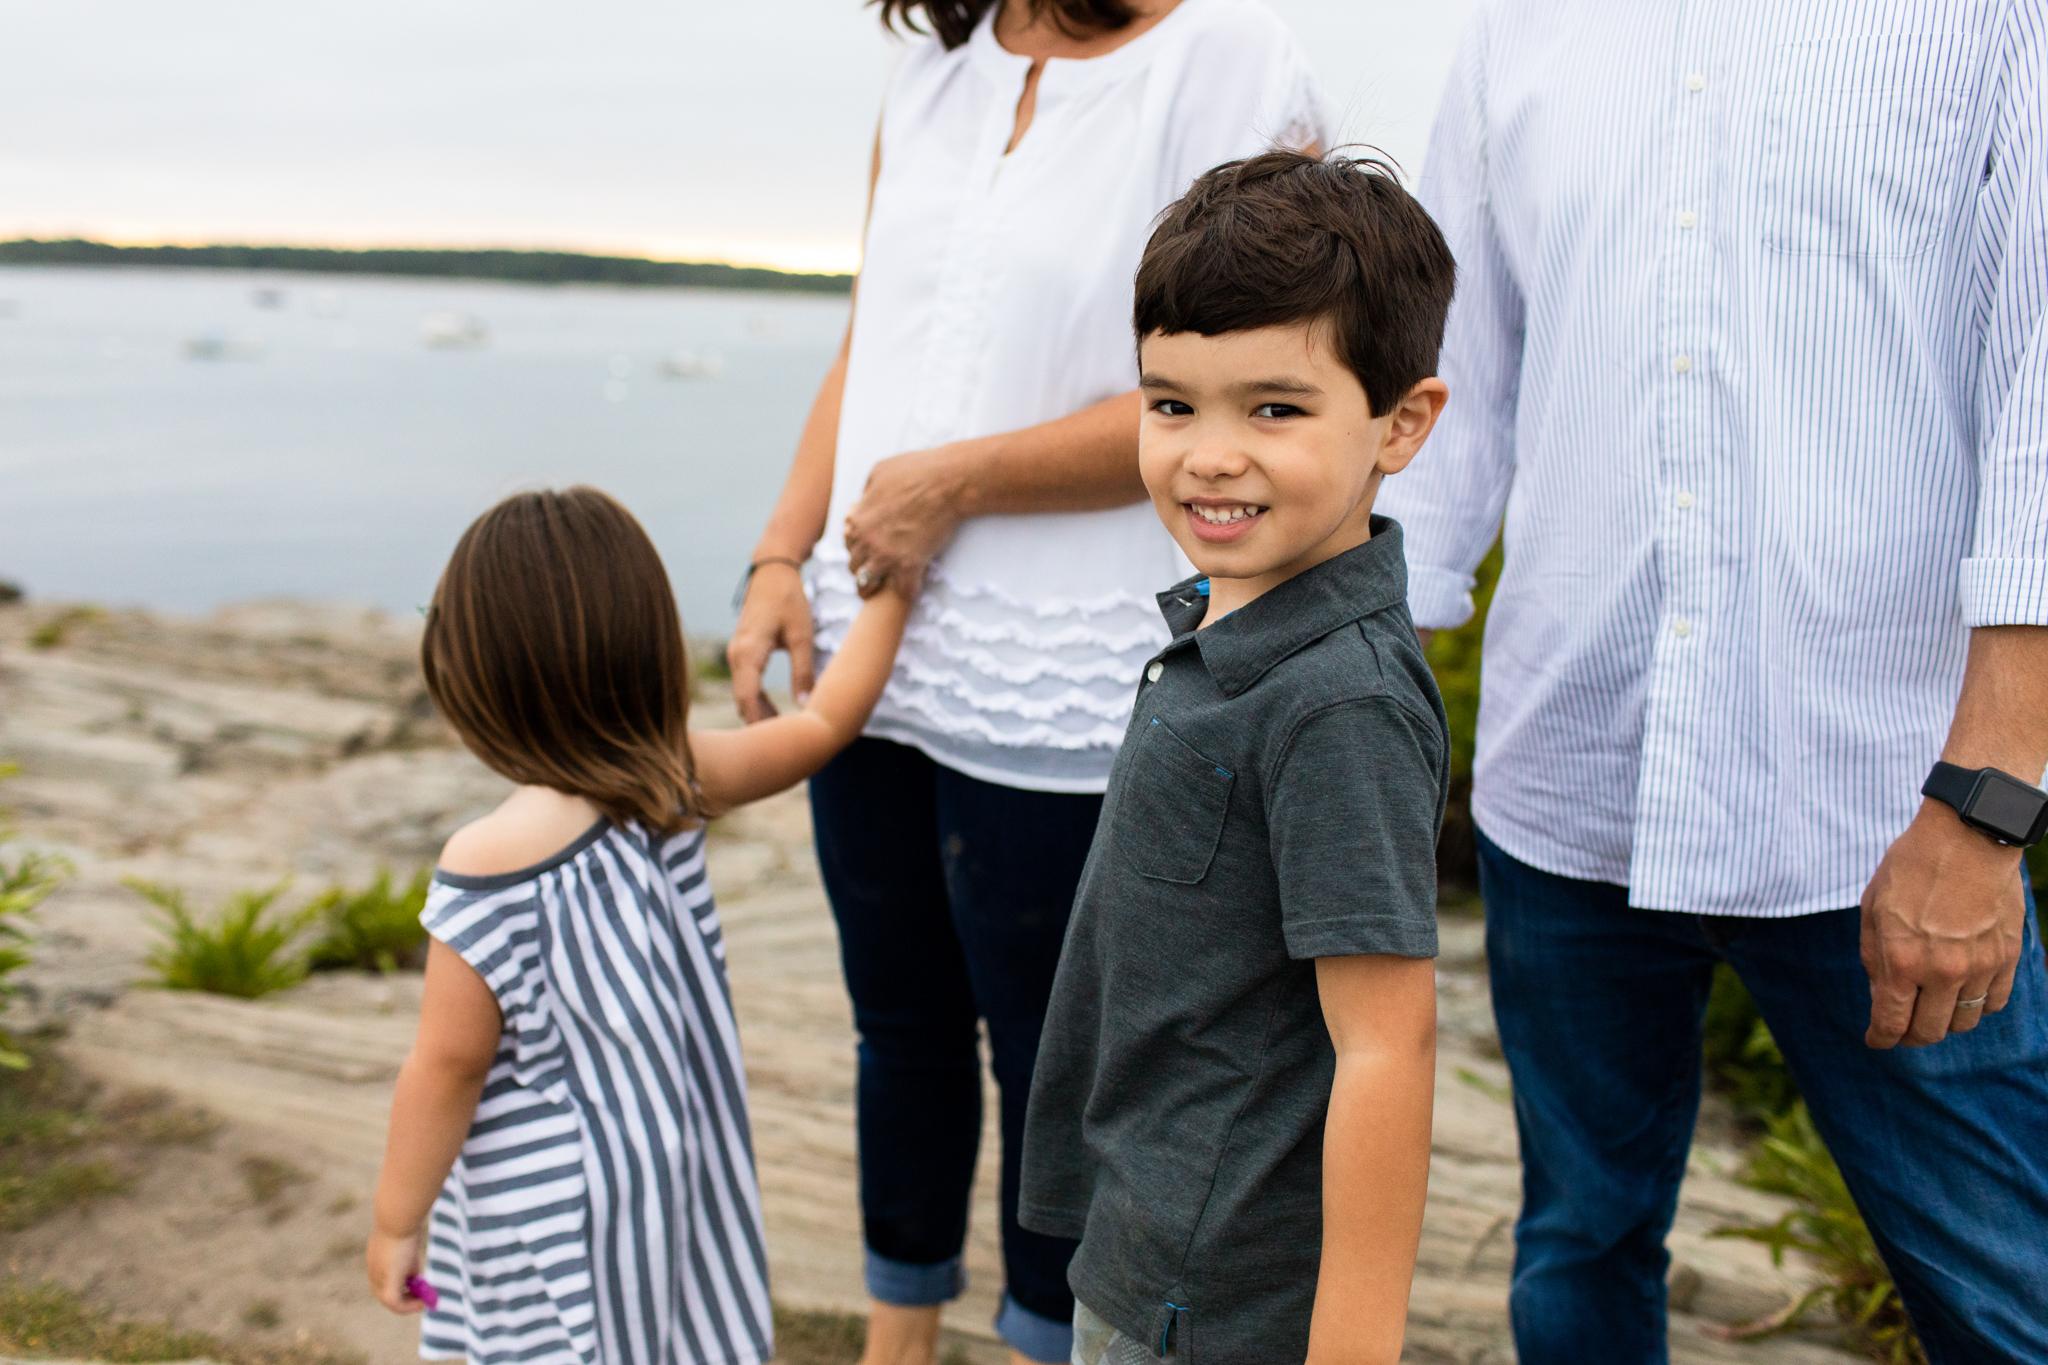 maine-family-photographer-beach-lifestyle -57.jpg